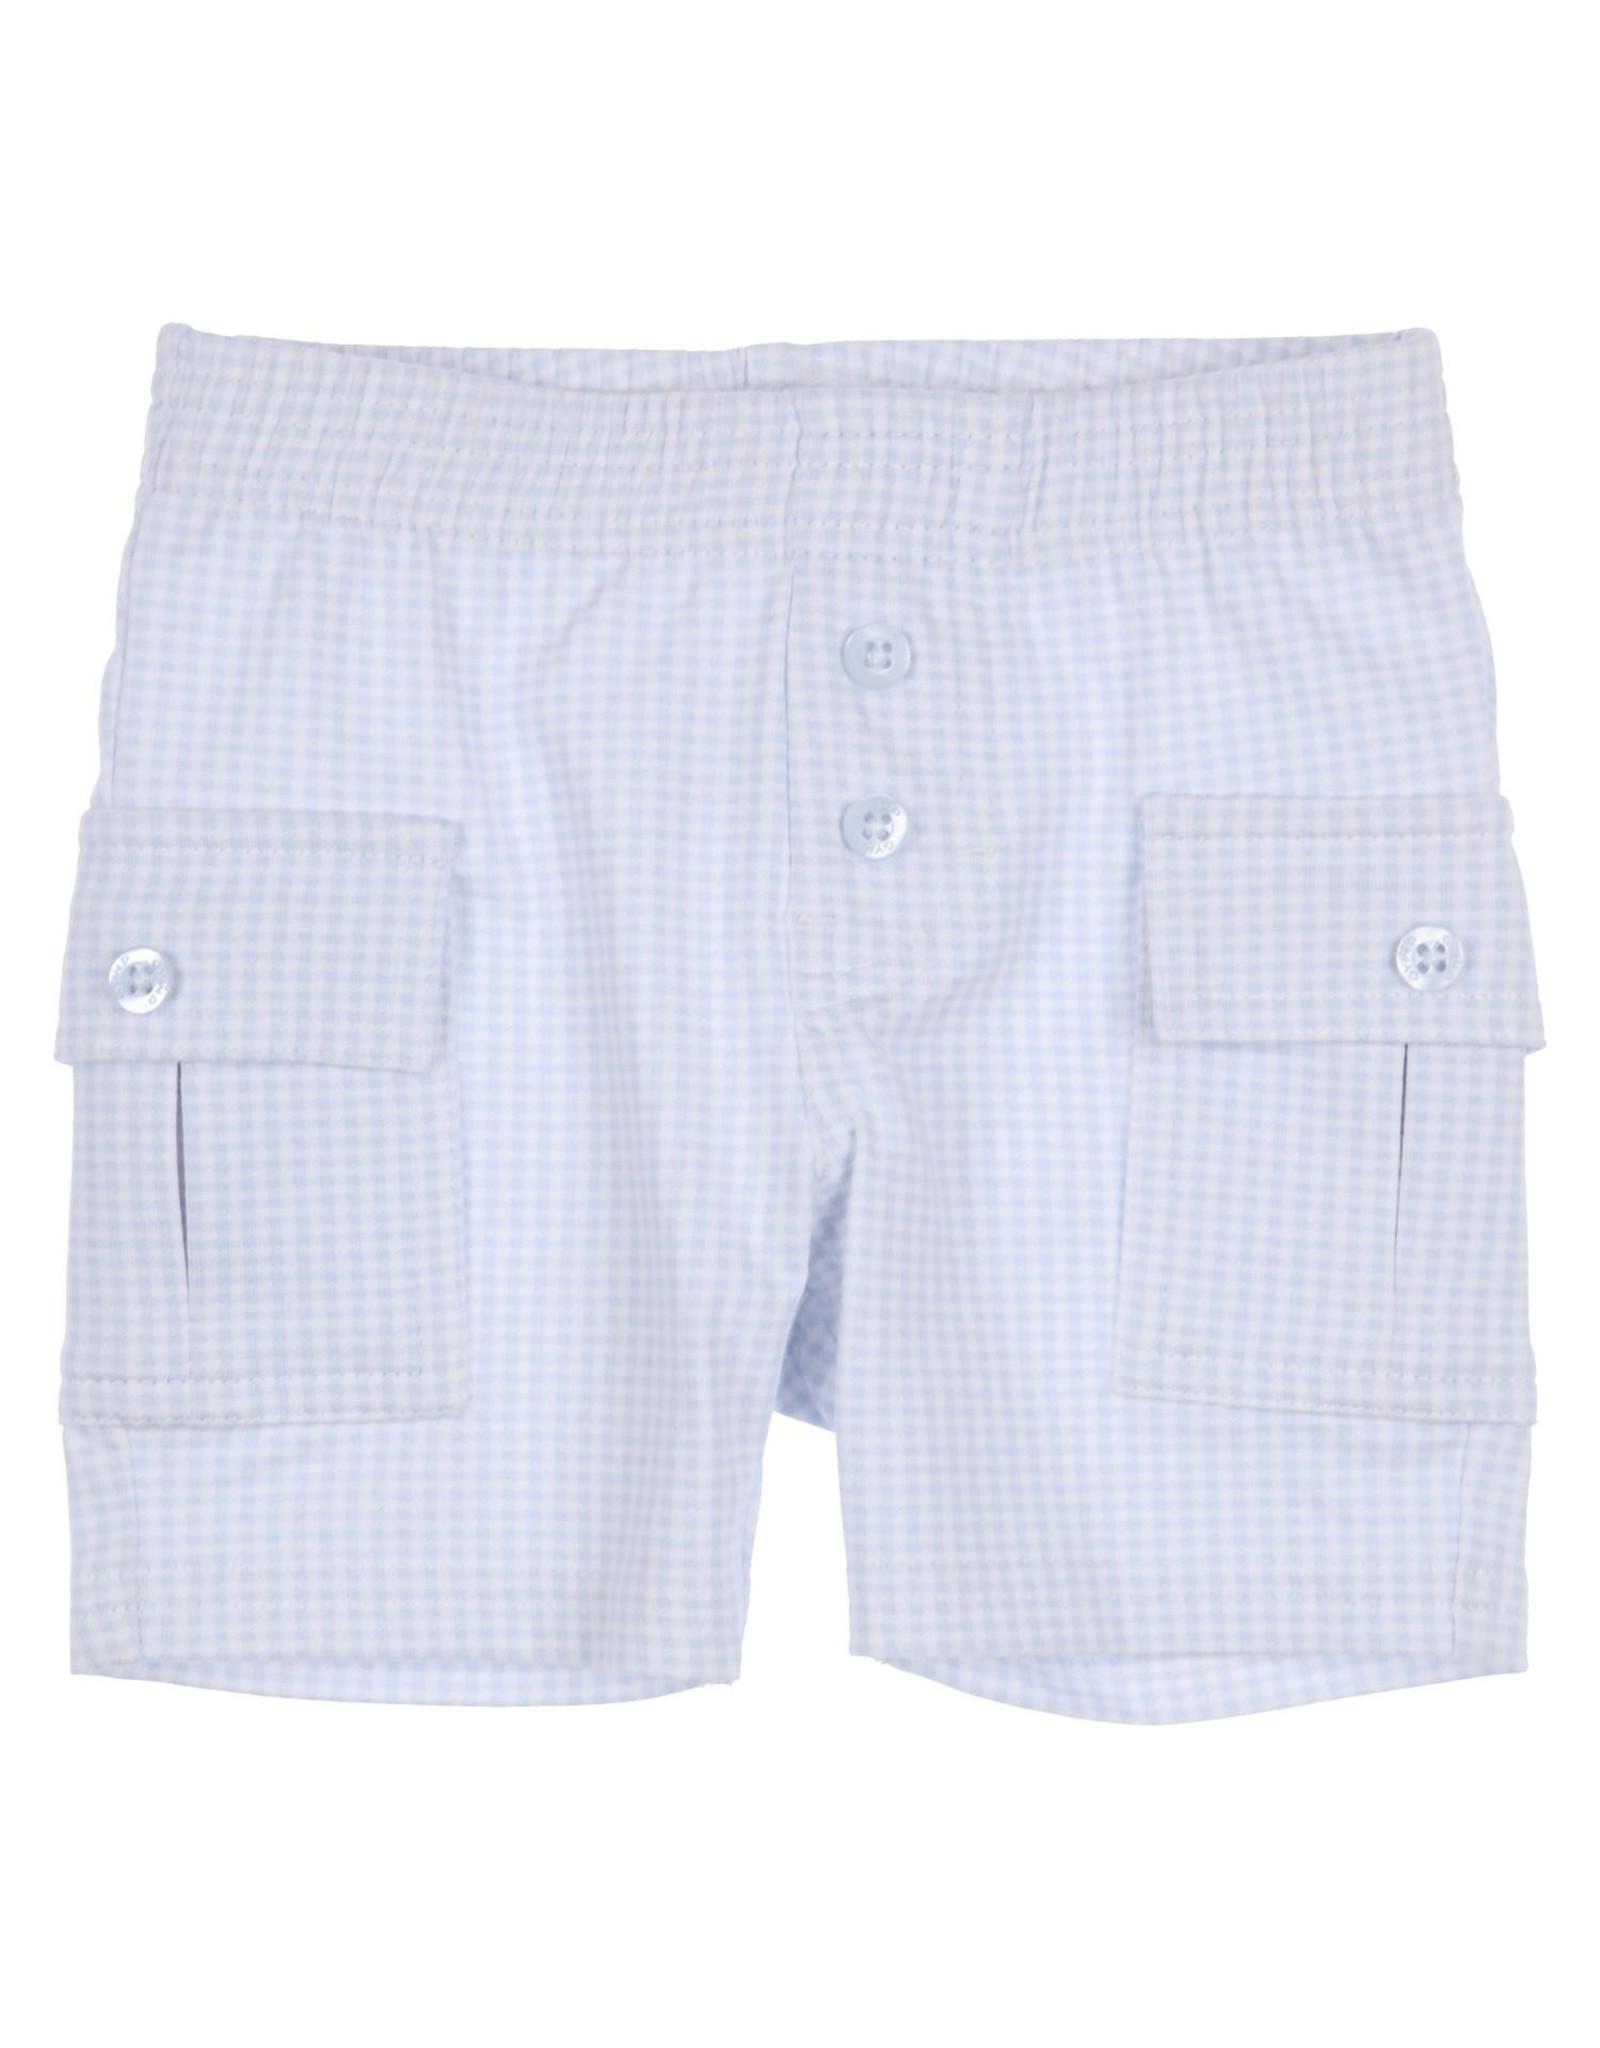 Gymp shorts - vidrio - baby&toddler lichtblauw/wit